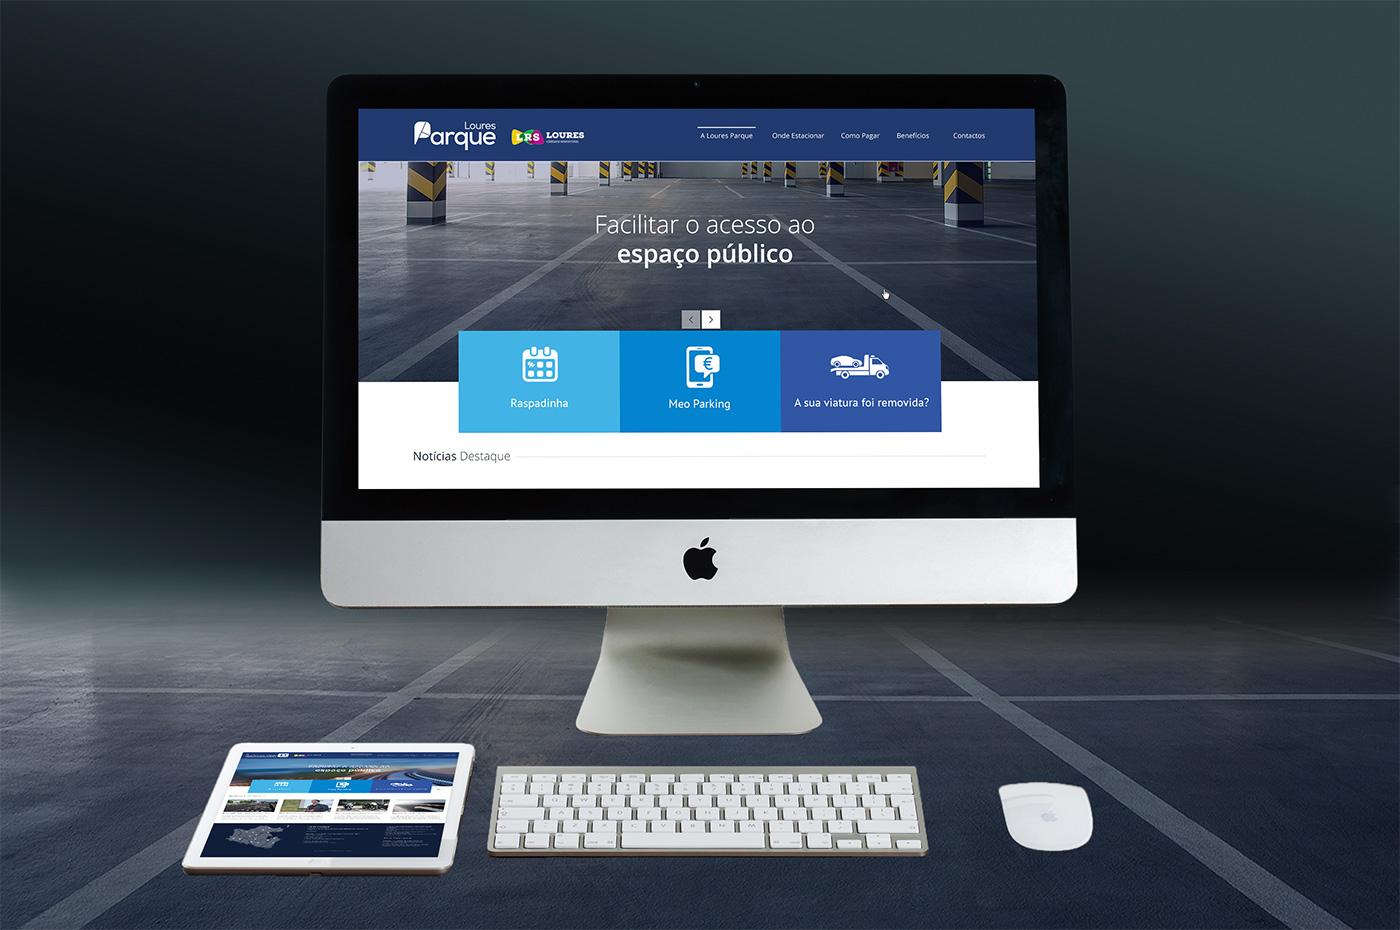 LouresParque website